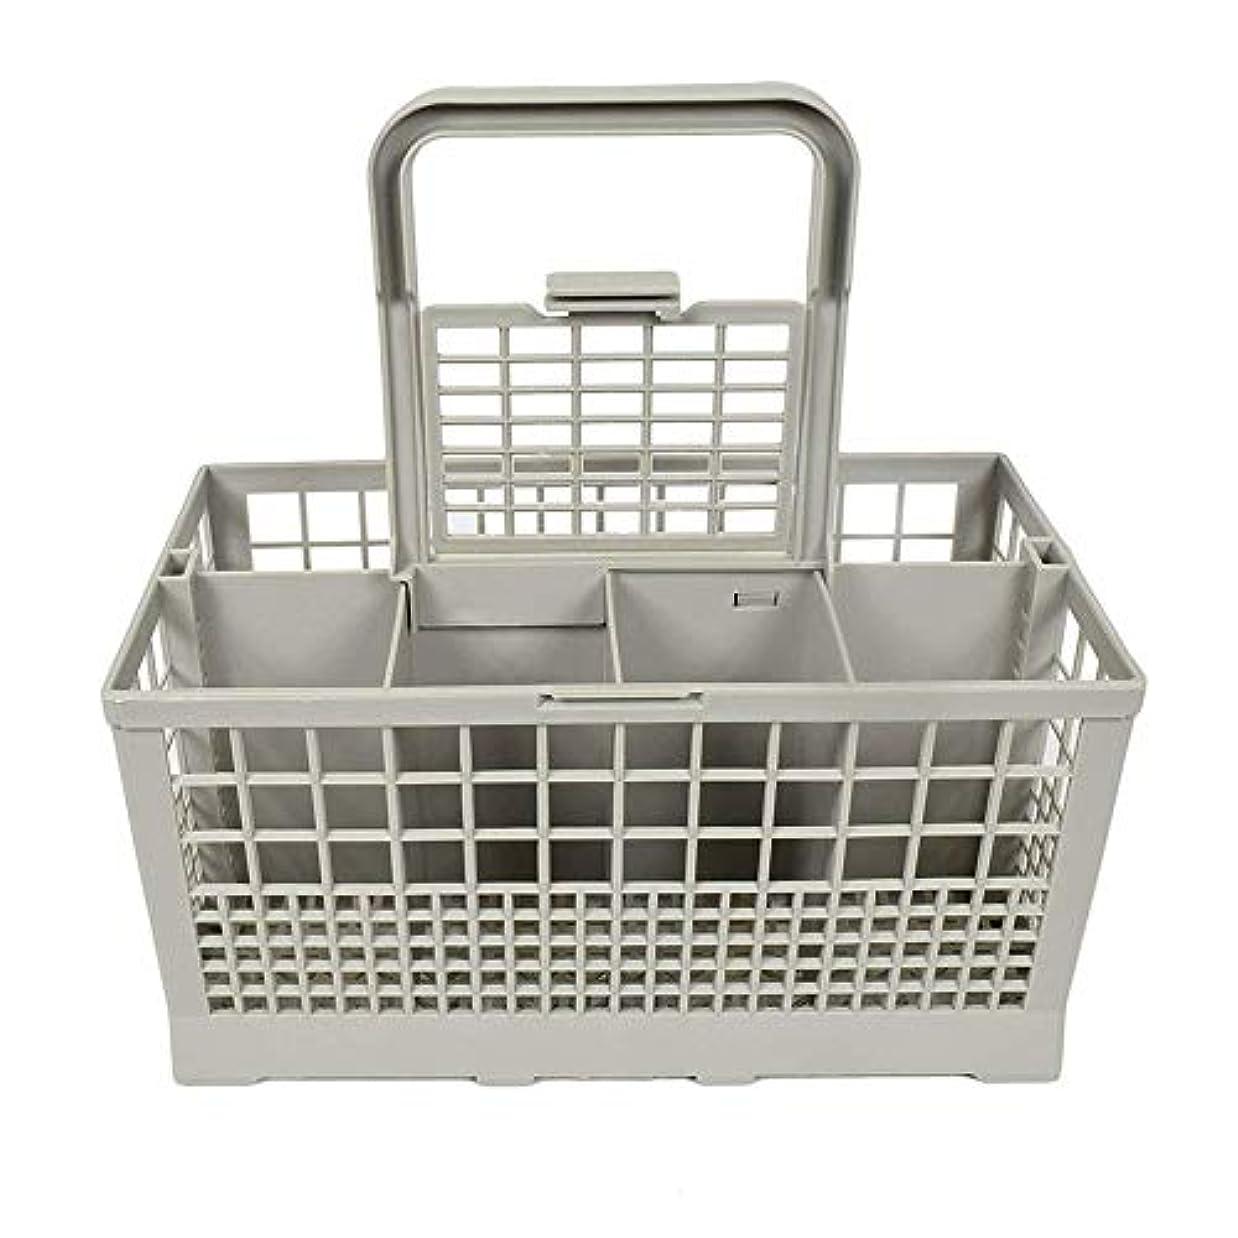 対話販売計画変換Luani ユニバーサルスクエア軽量ポータブル食器洗い機収納ボックス食器洗い機カトラリーバスケットヨーロッパアメリカの